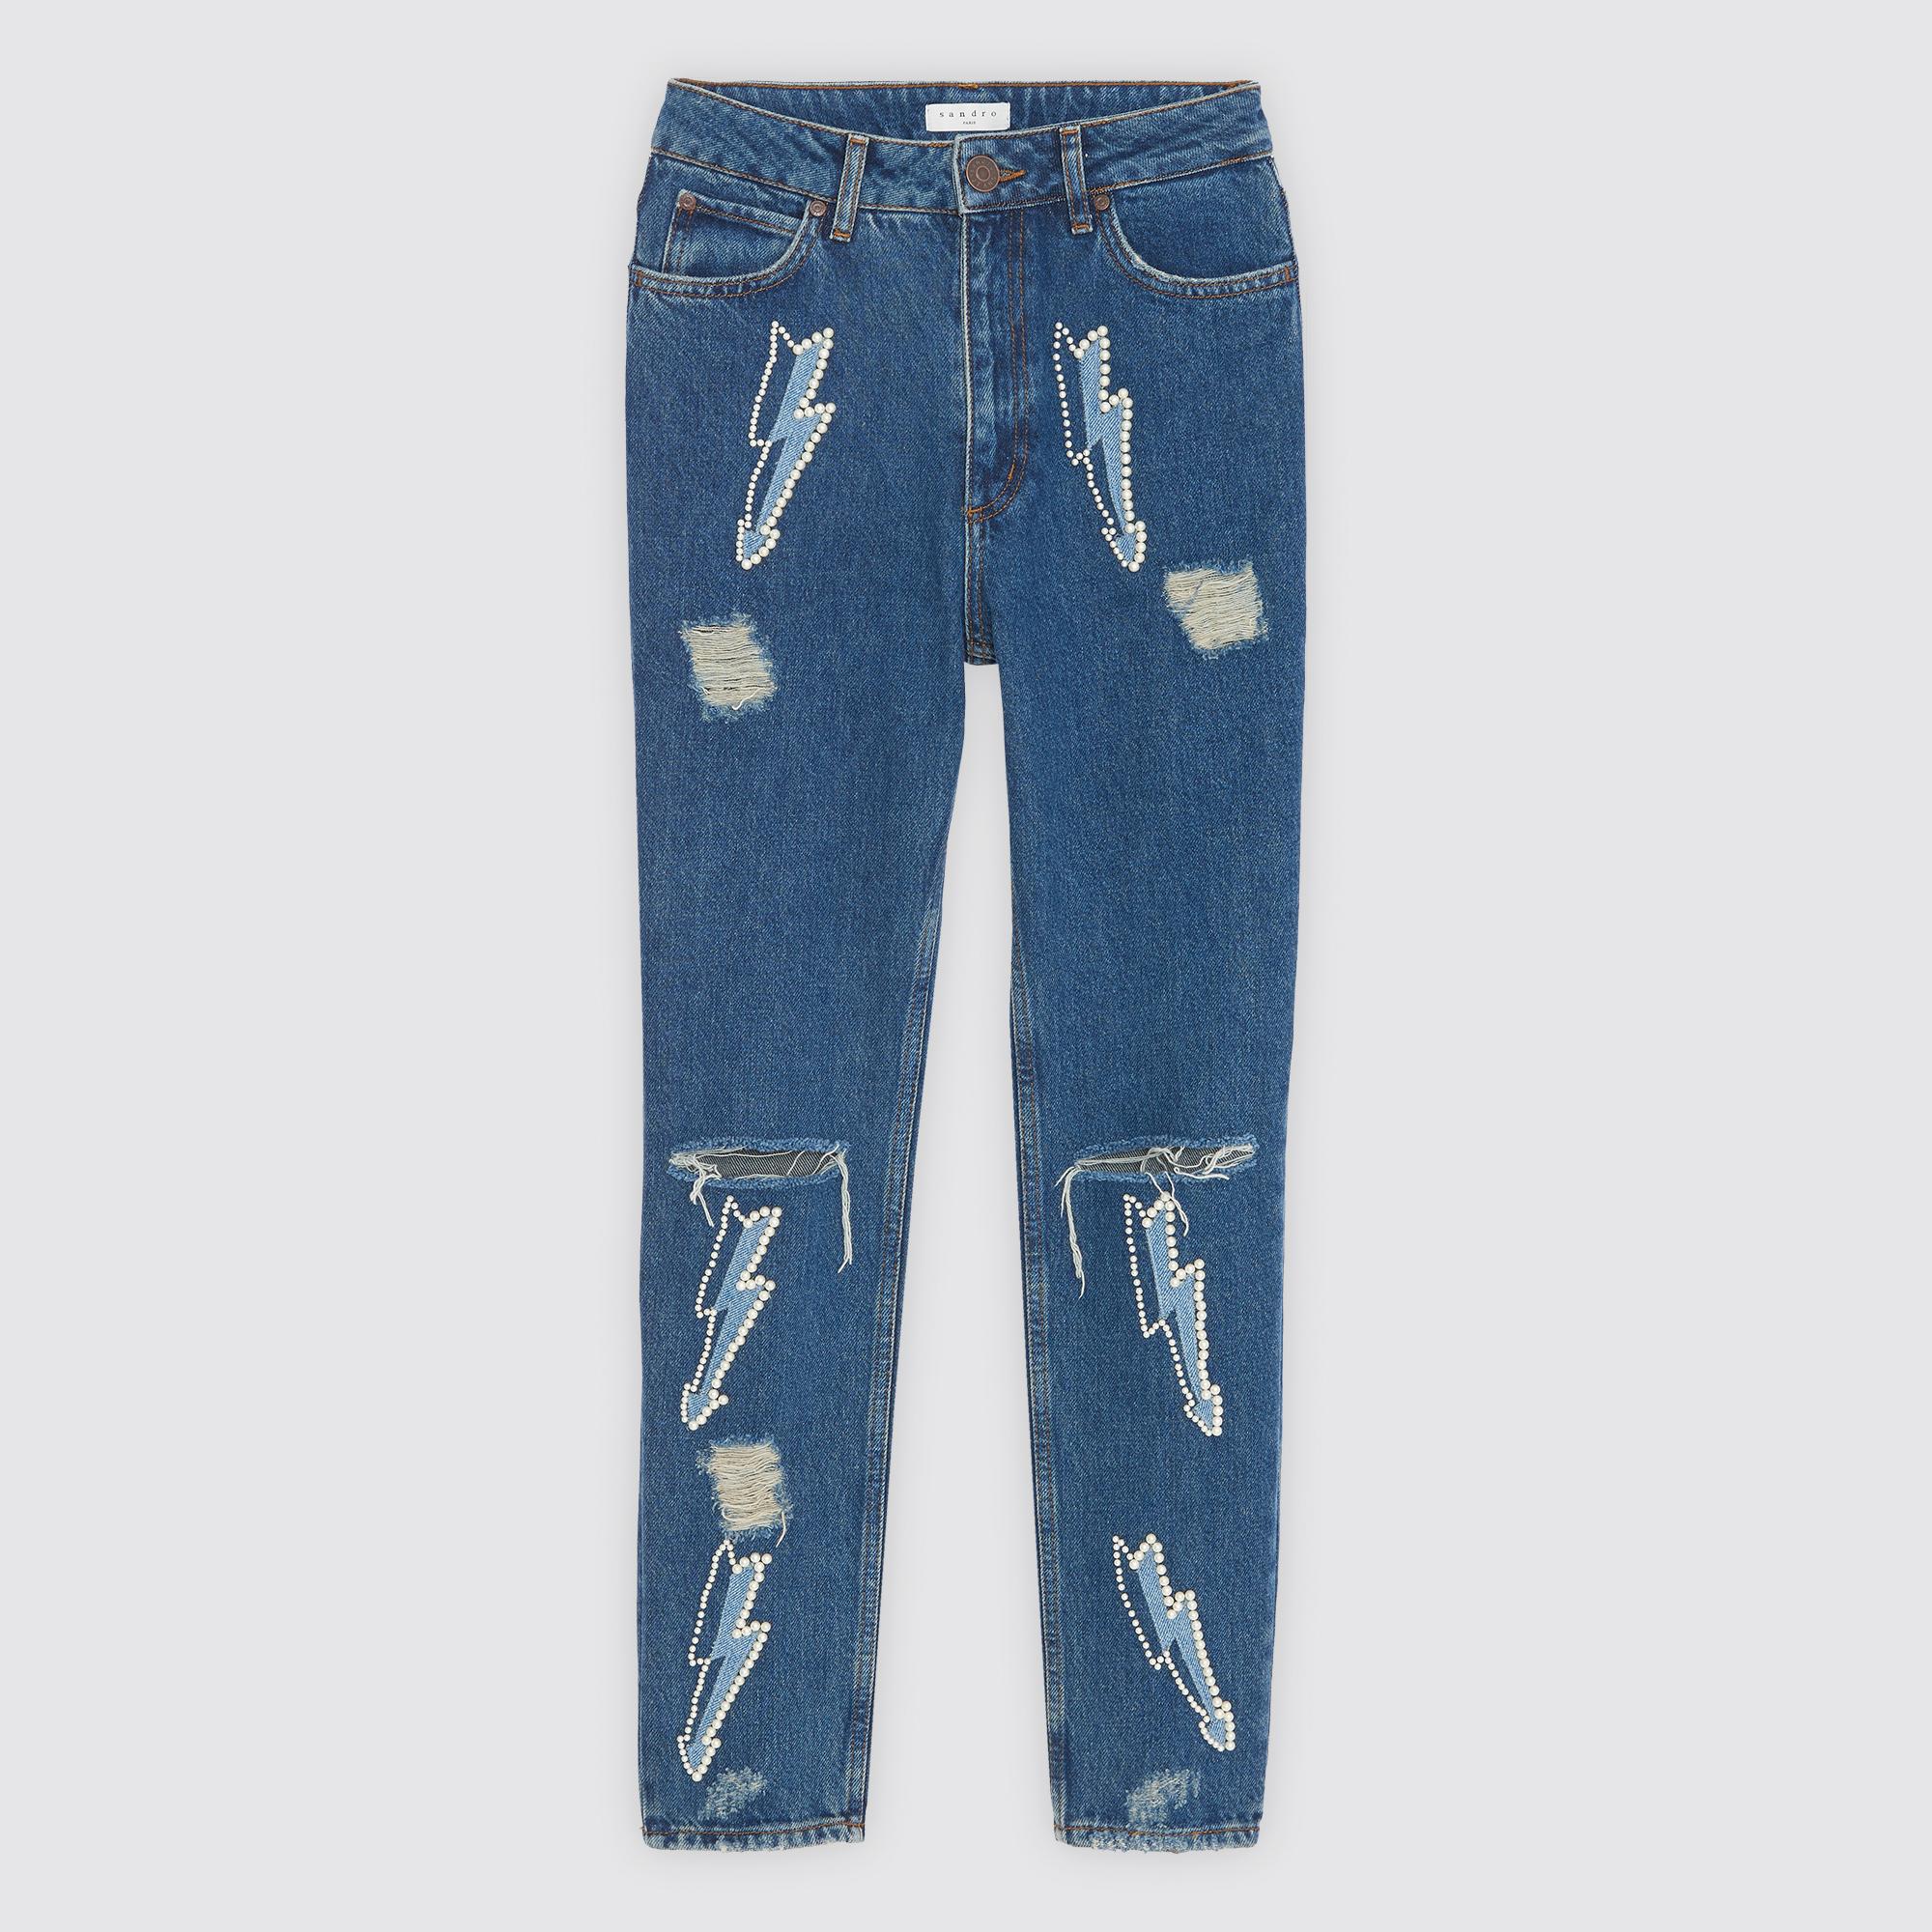 Jeans a vita alta con inserti a fulmine : Jeans colore Blue Vintage - Denim